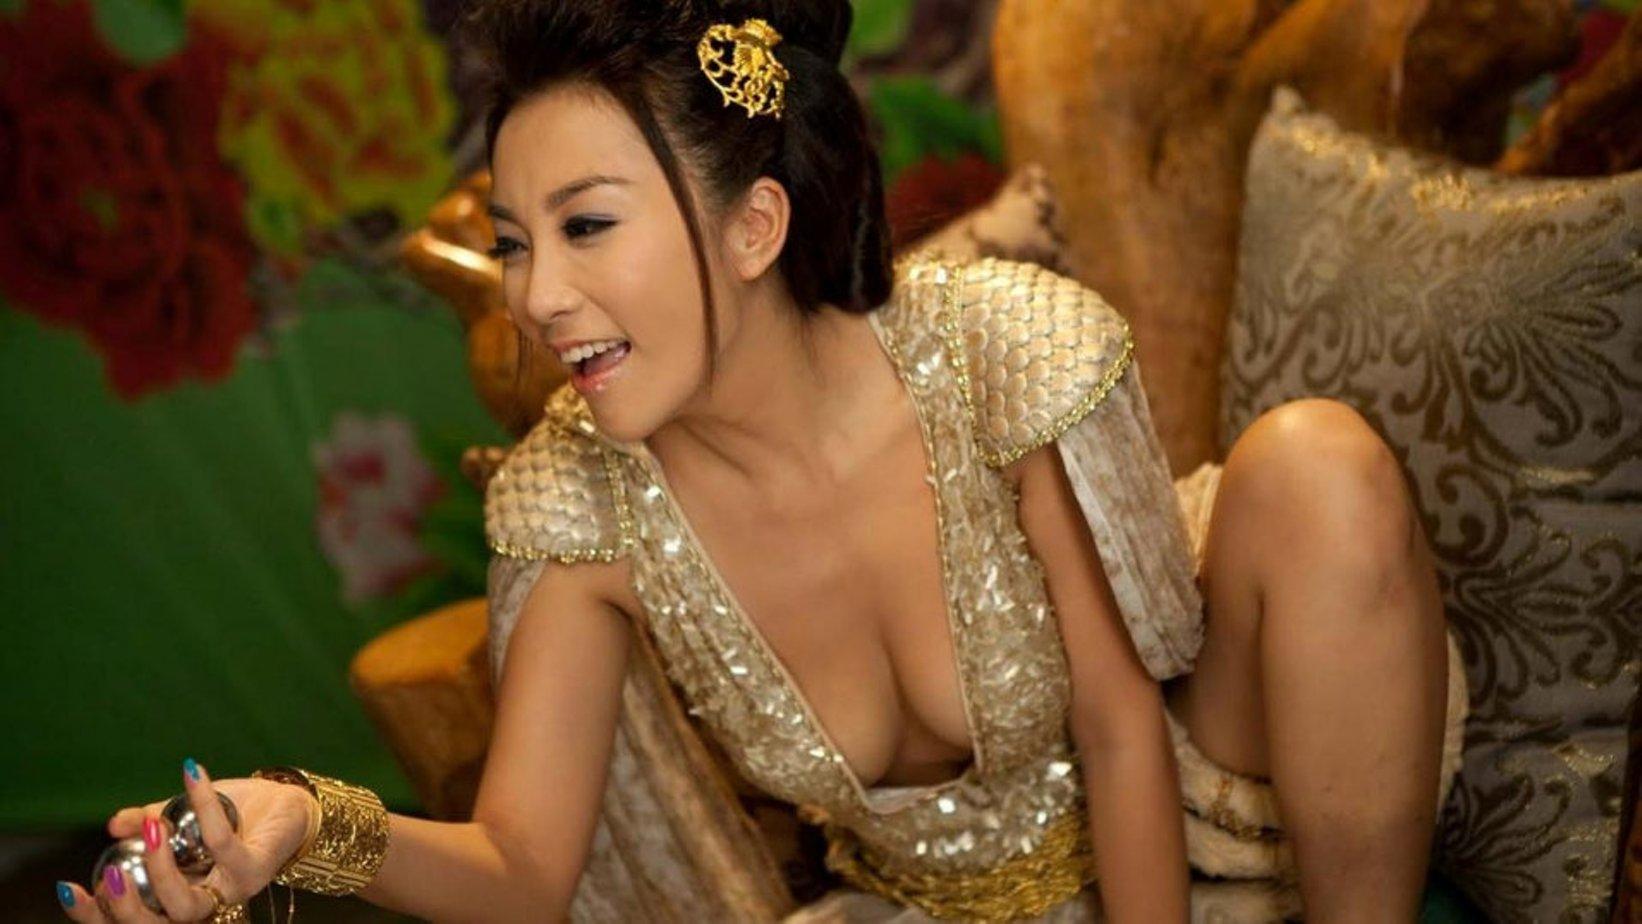 Тайский эротический массаж для мужчин Видео смотреть